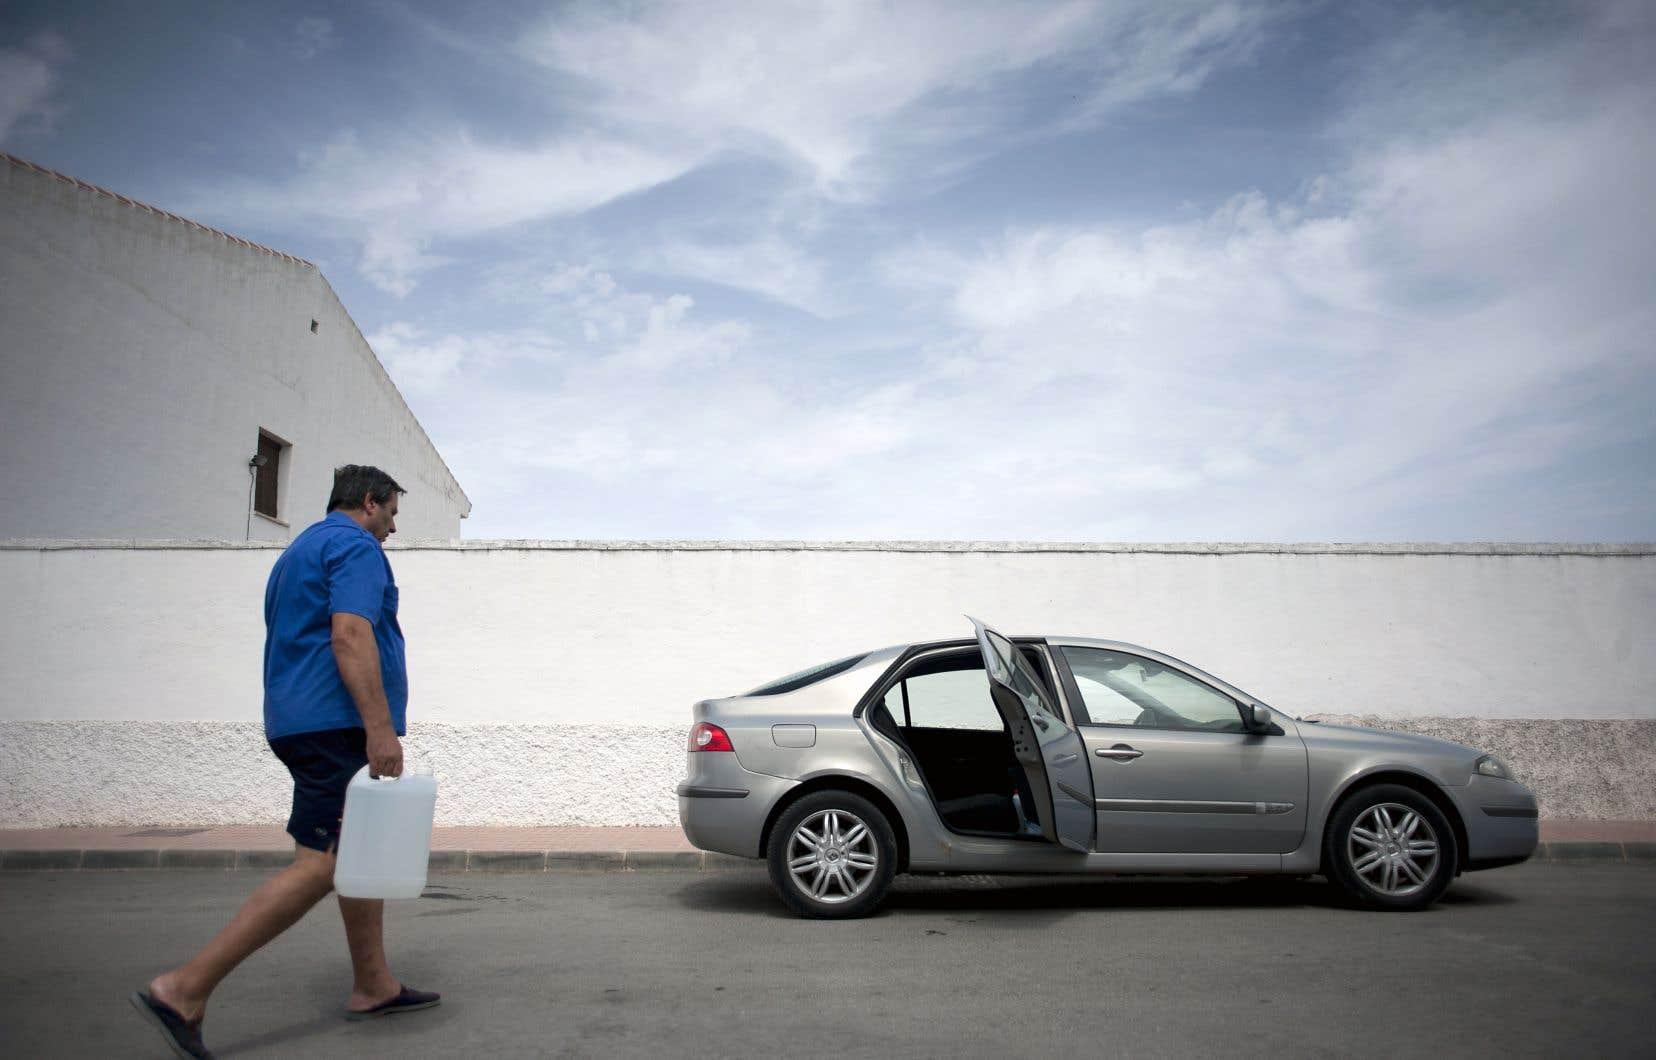 Un homme faisant provision d'eau dans des bidons en plastique pendant une sécheresse à Fuerte de Piedra, en Espagne, en août 2017